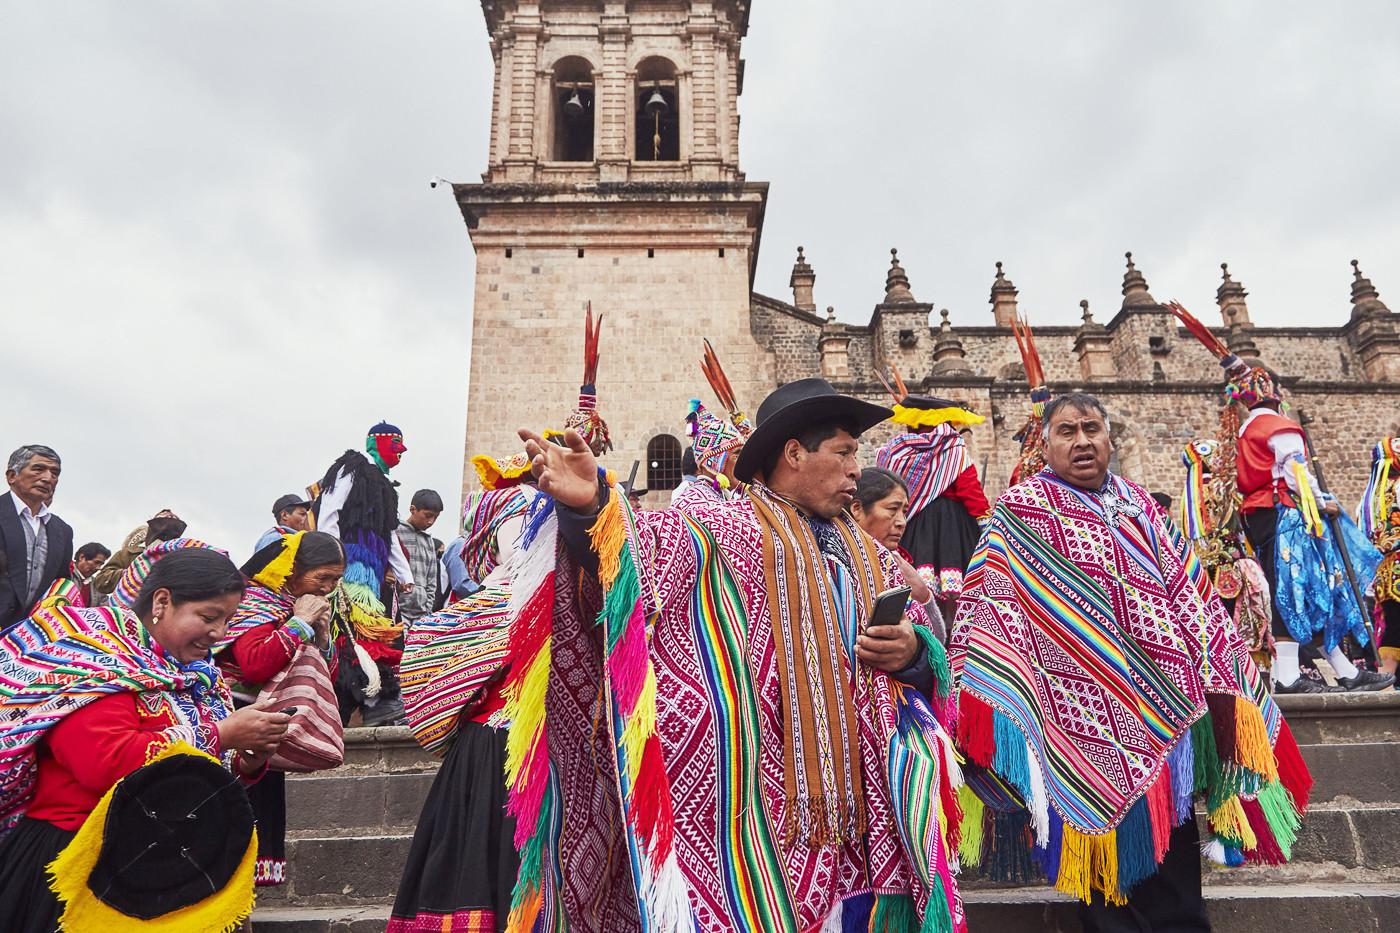 Feierlichkeiten in Peru: Umzug während der Fiesta del Señor de Huanca in Cusco